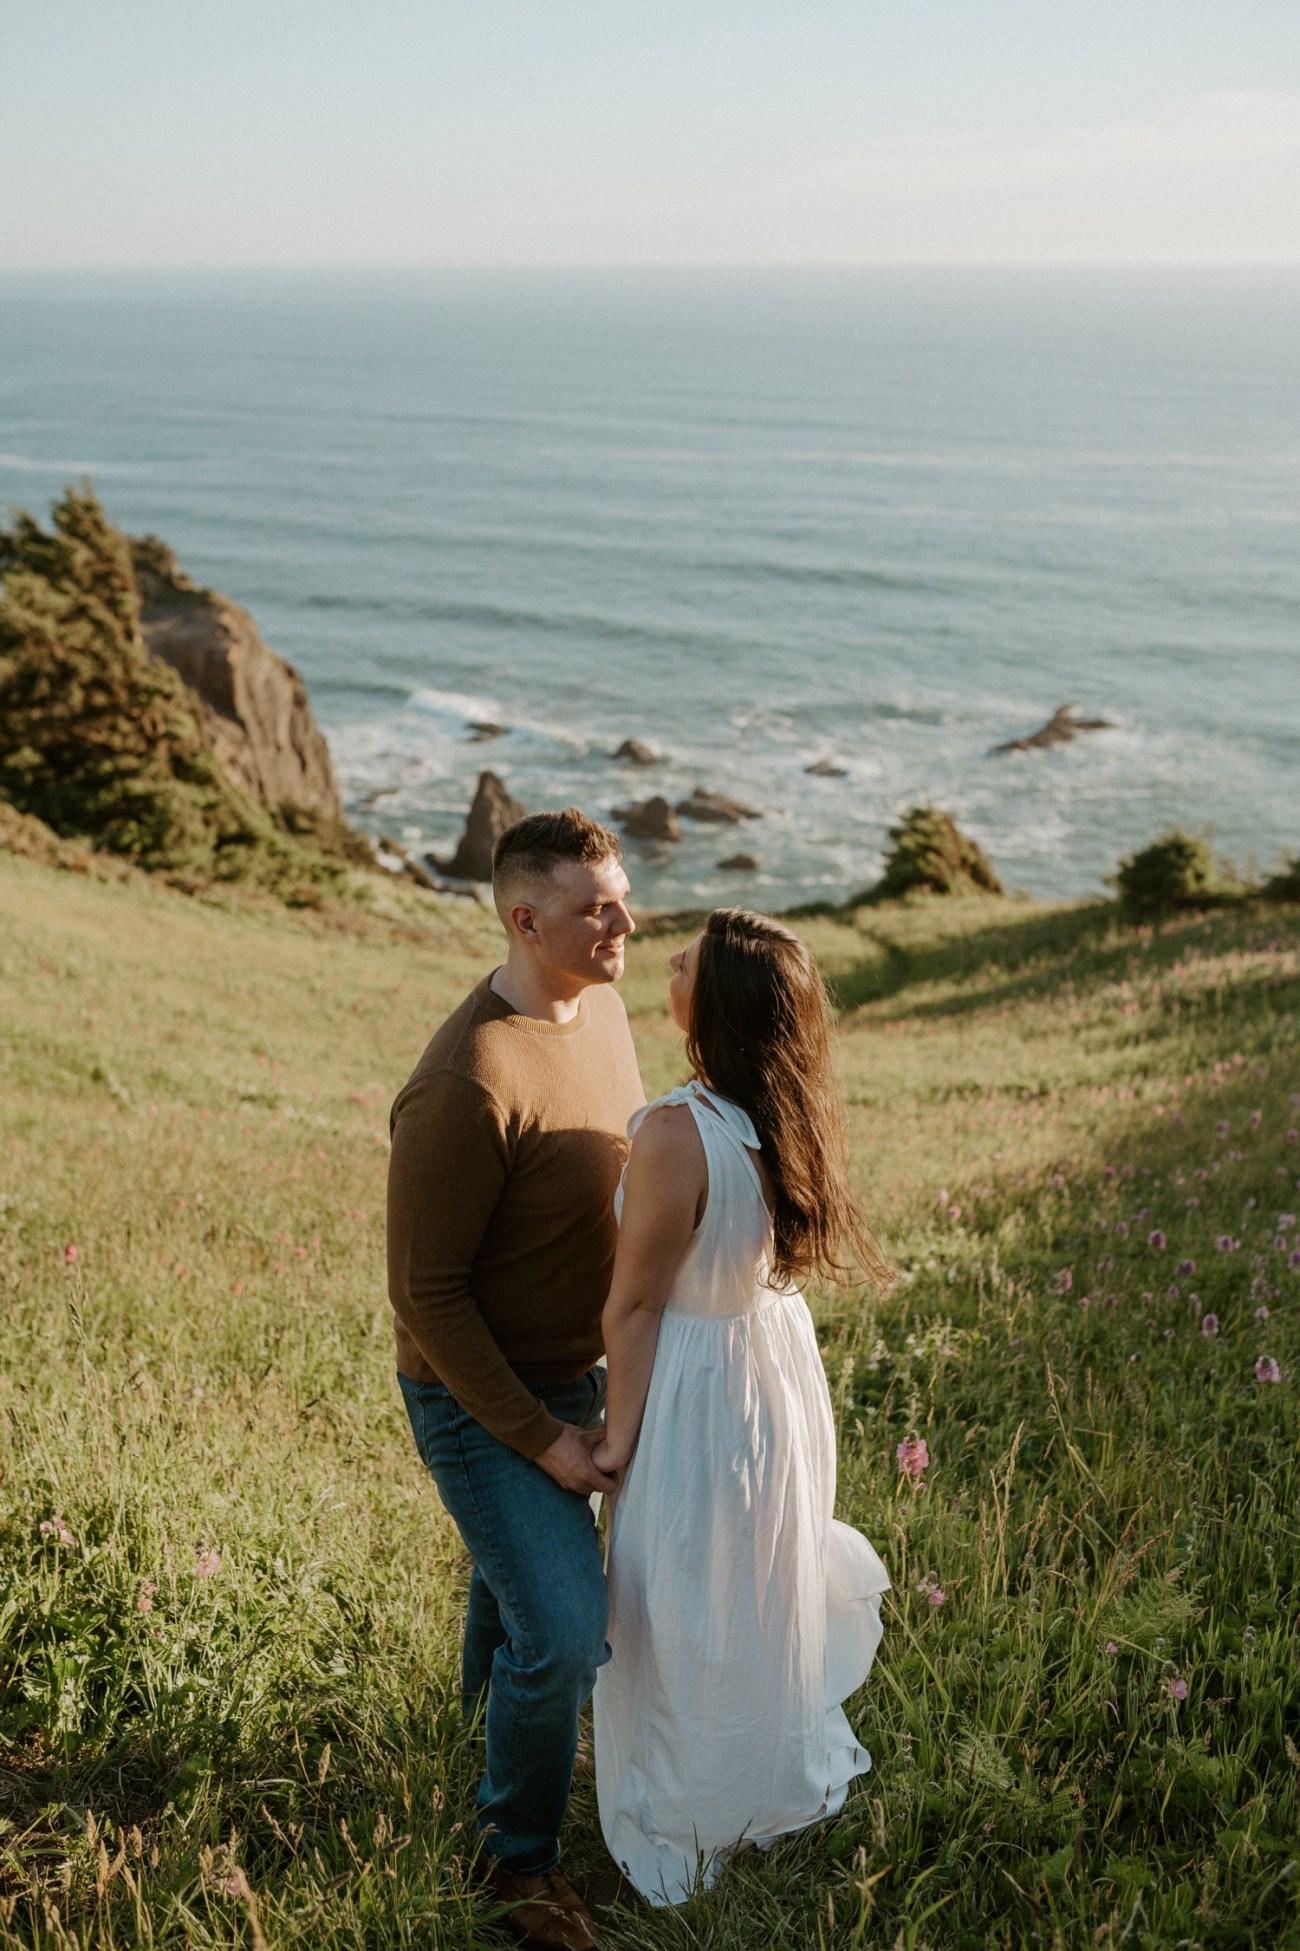 Oregon Coast Gods Thumb Engagement Session Bend Oregon Wedding Photographer Anais Possamai Photography 04